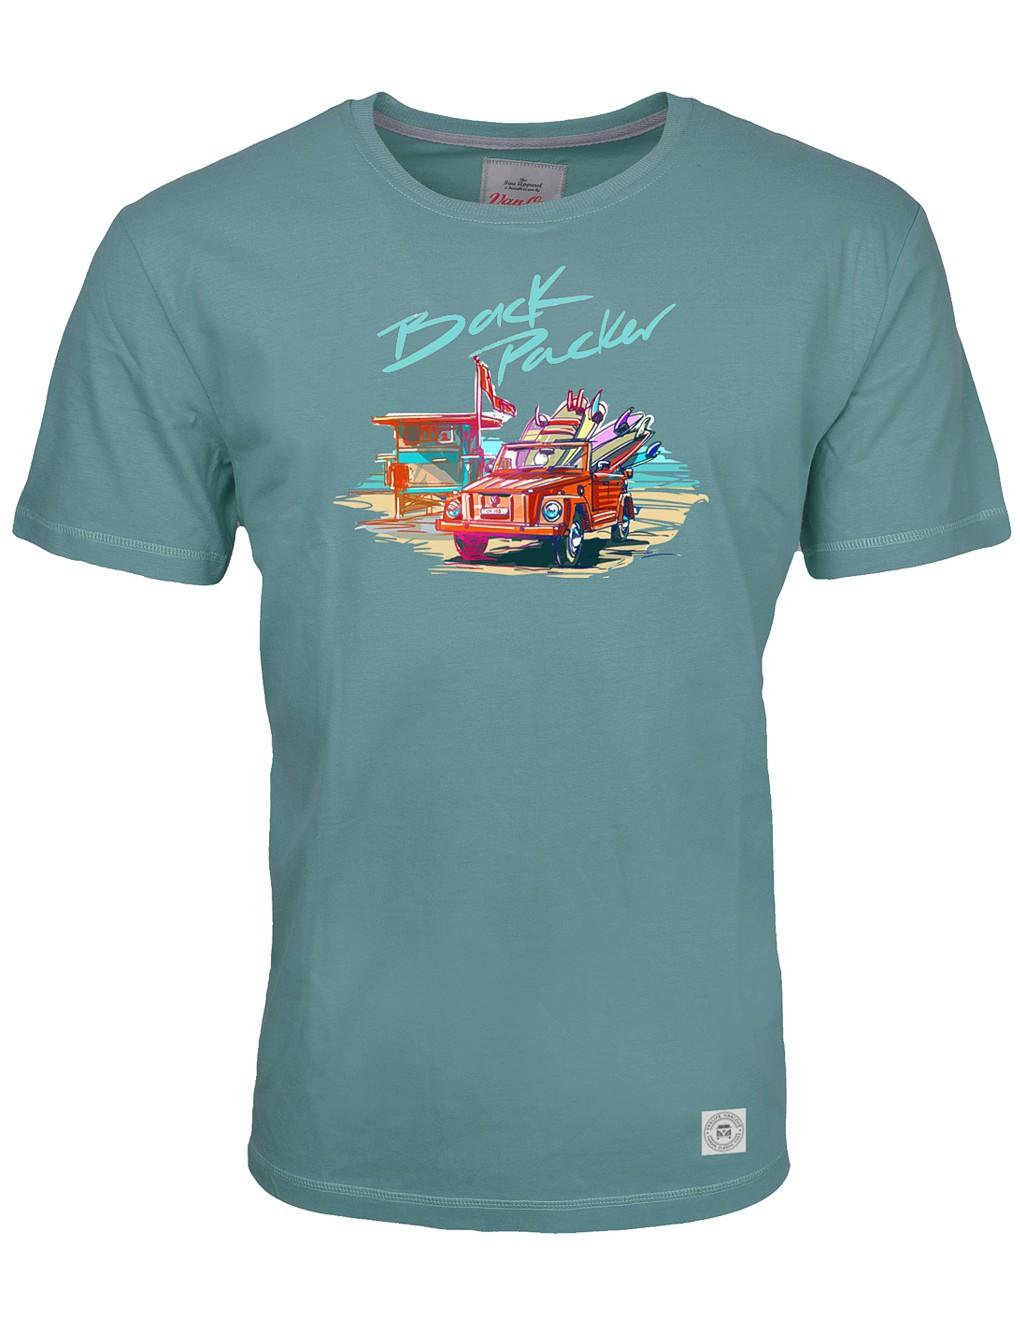 Herren T-Shirt VW Bulli »BACK PACKER« Petrol